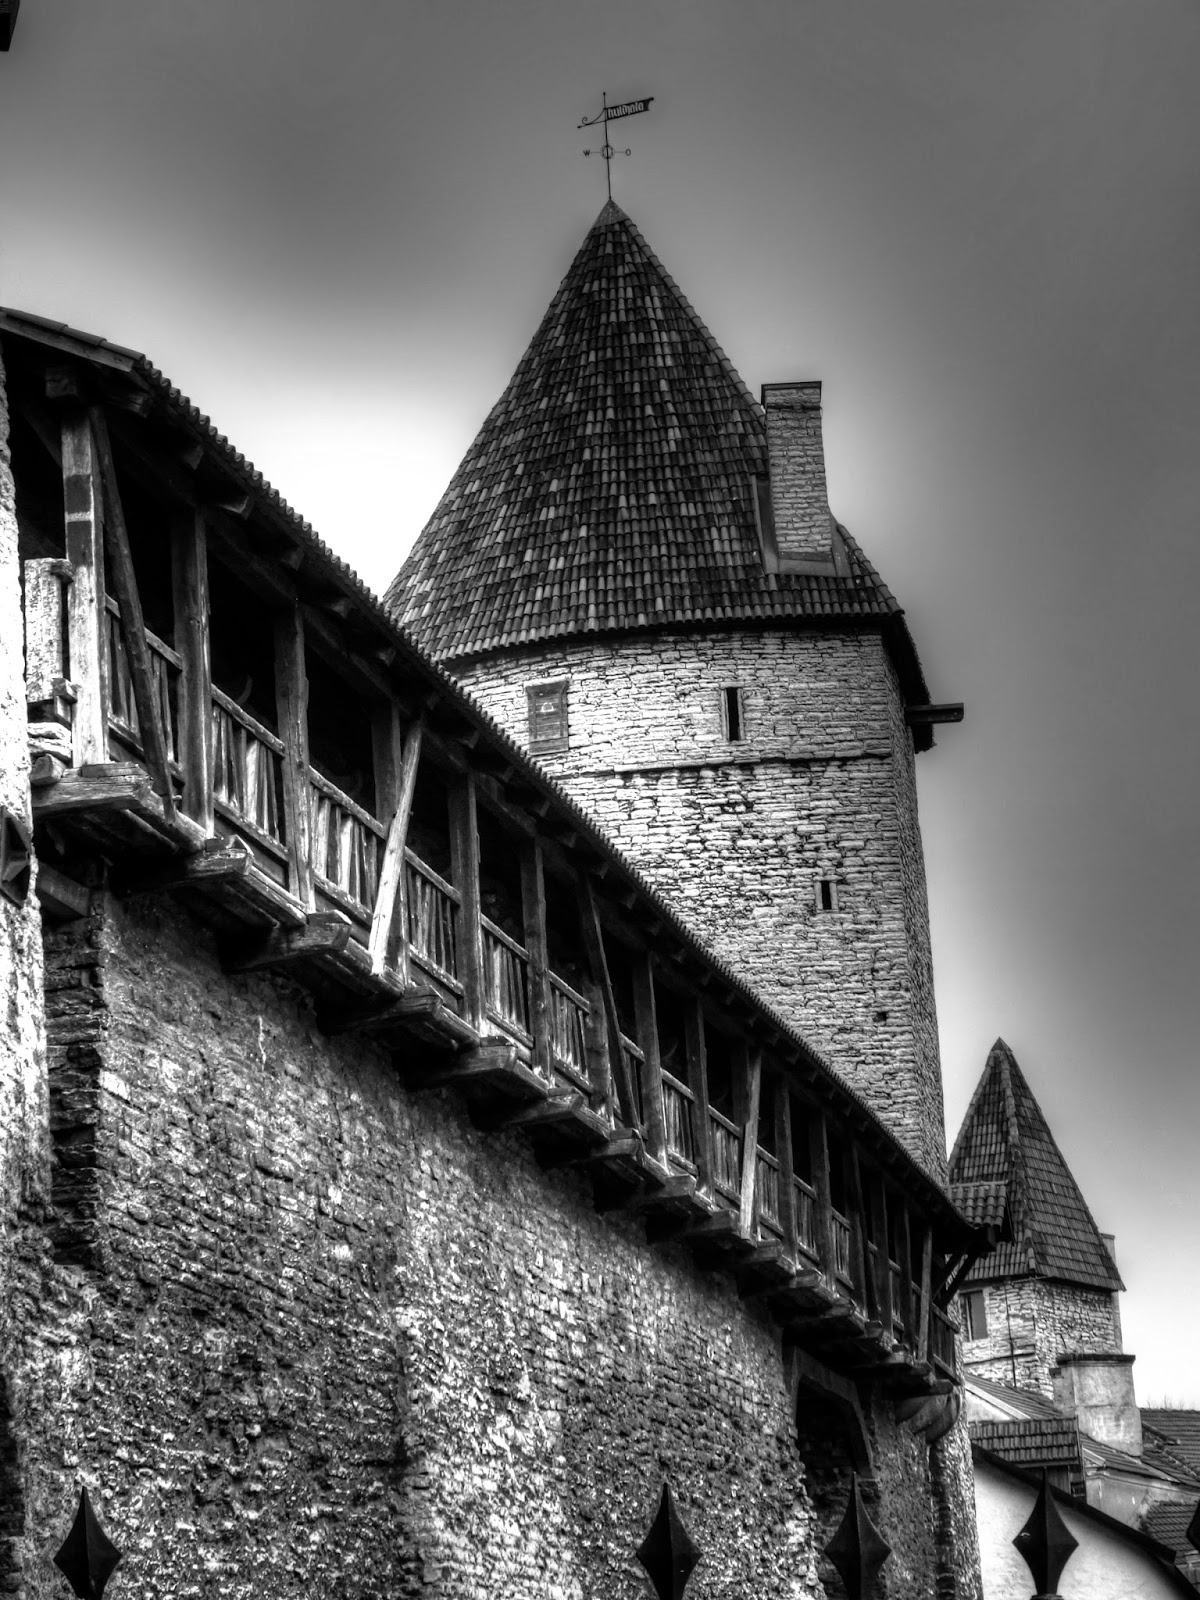 Крепостная стена и башни Таллинна